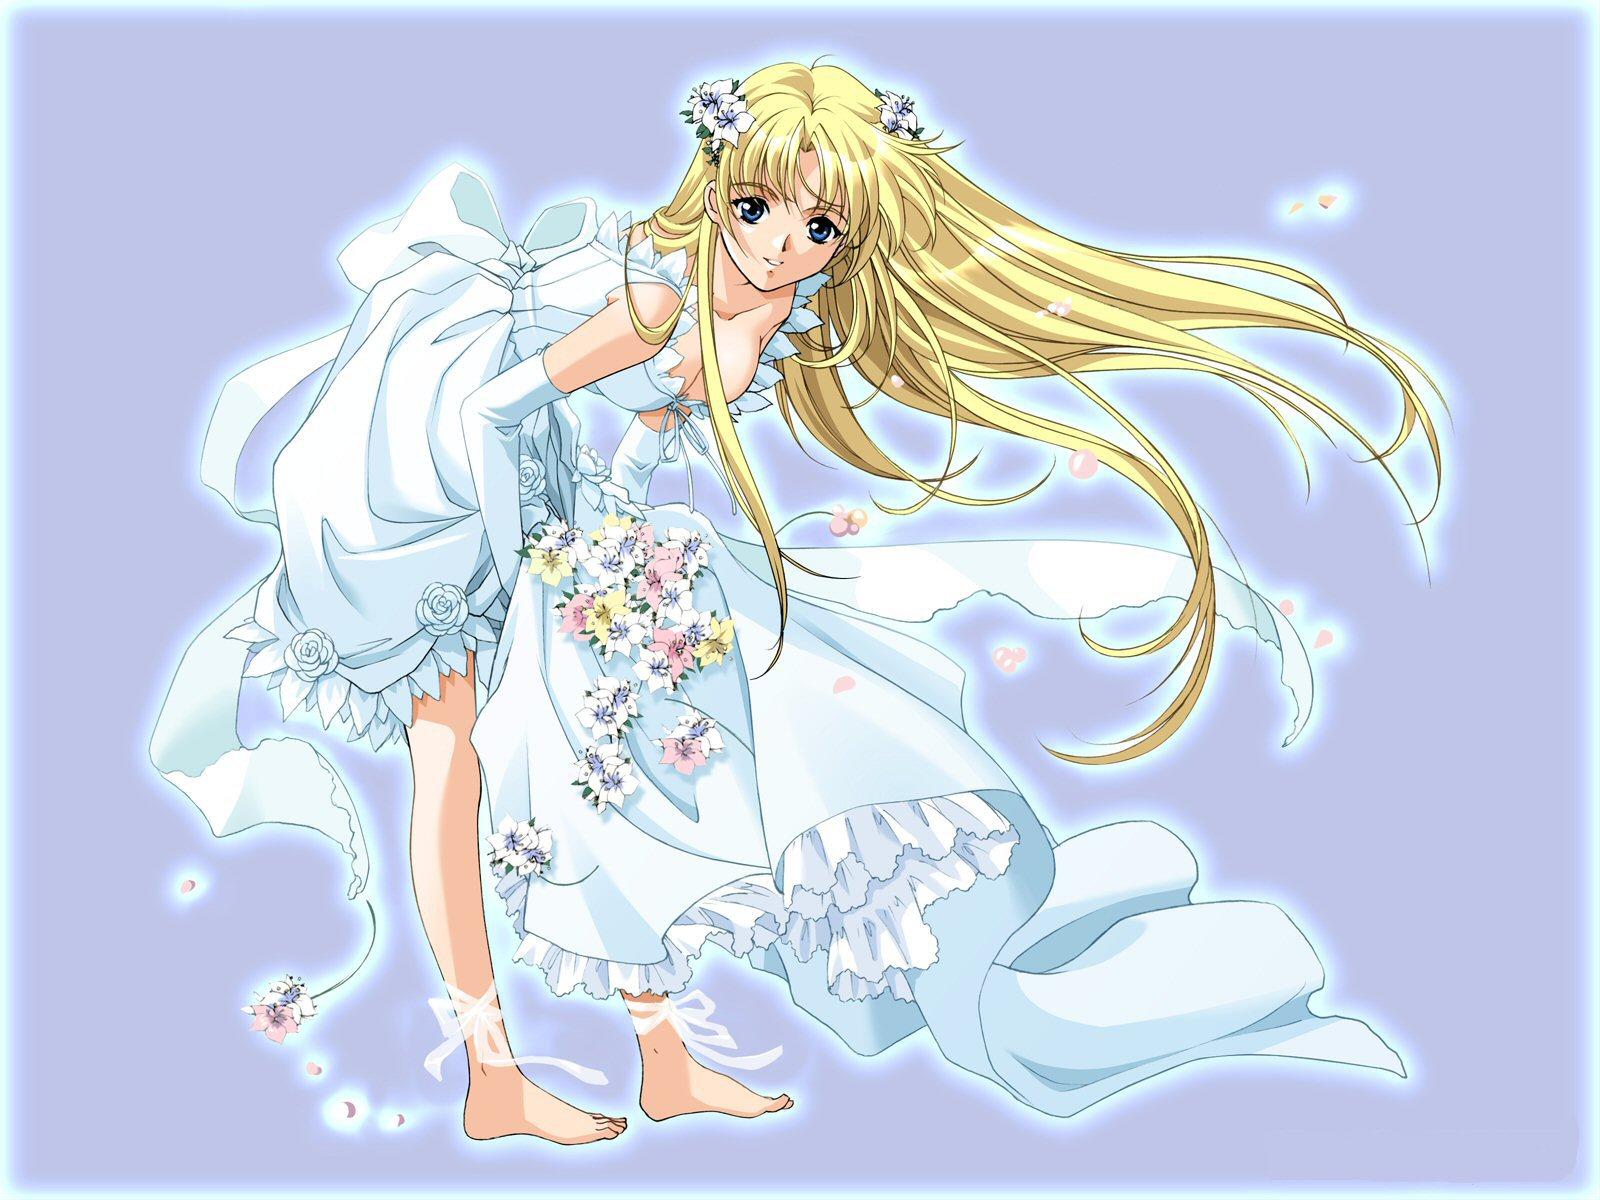 tagme wedding wedding_attire words_worth